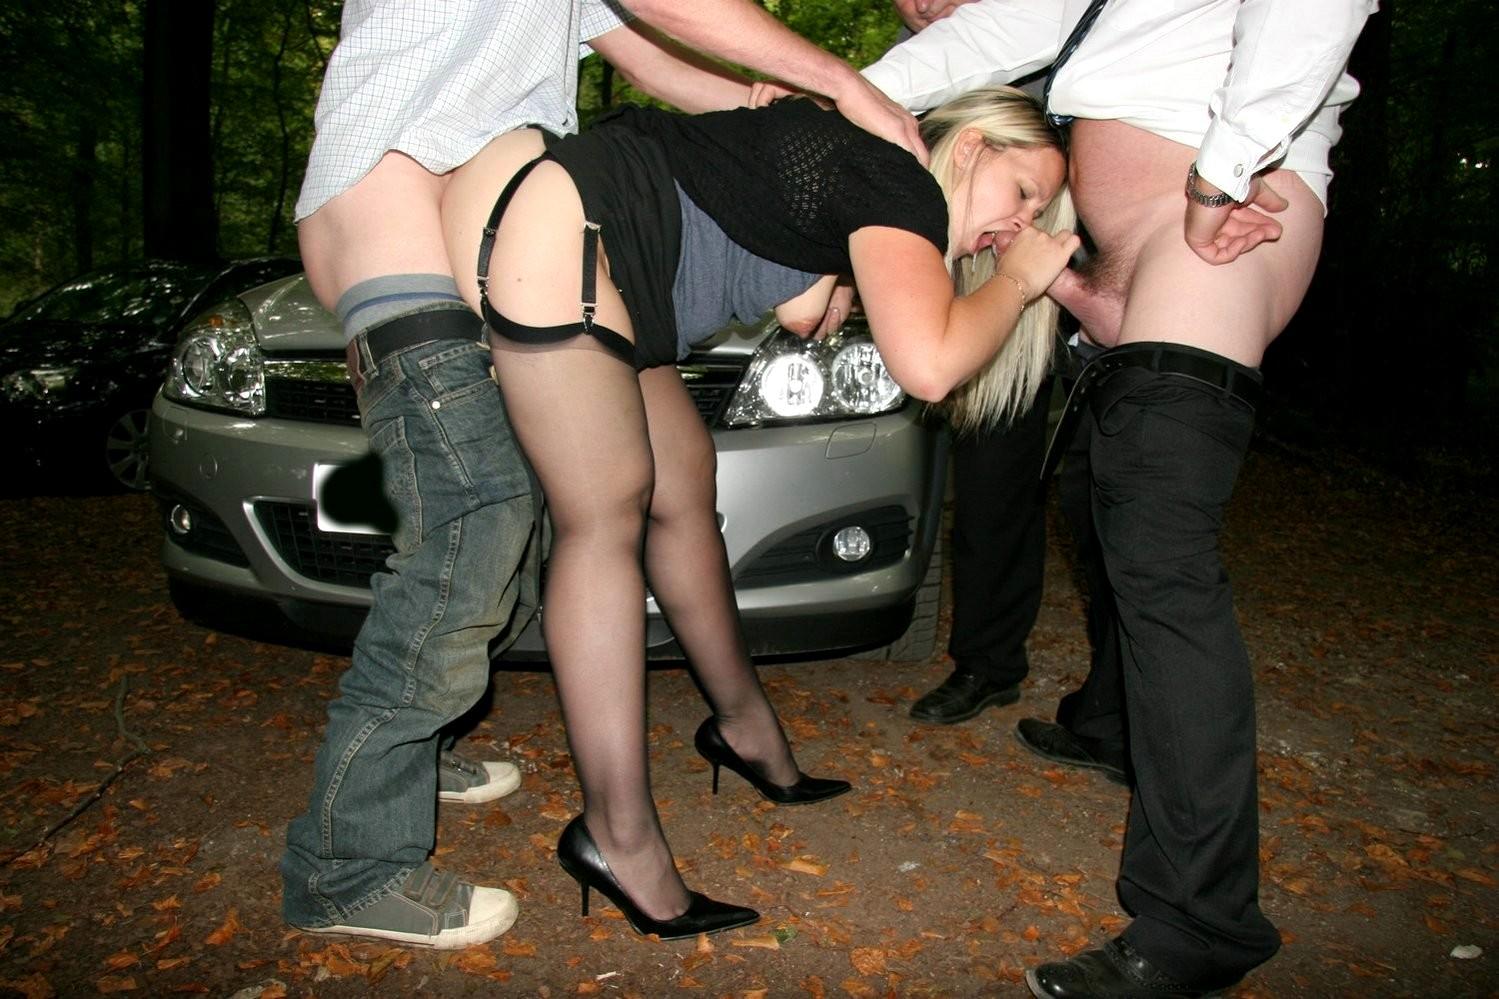 хотите камнепад сколько стоят проститутки пользователи